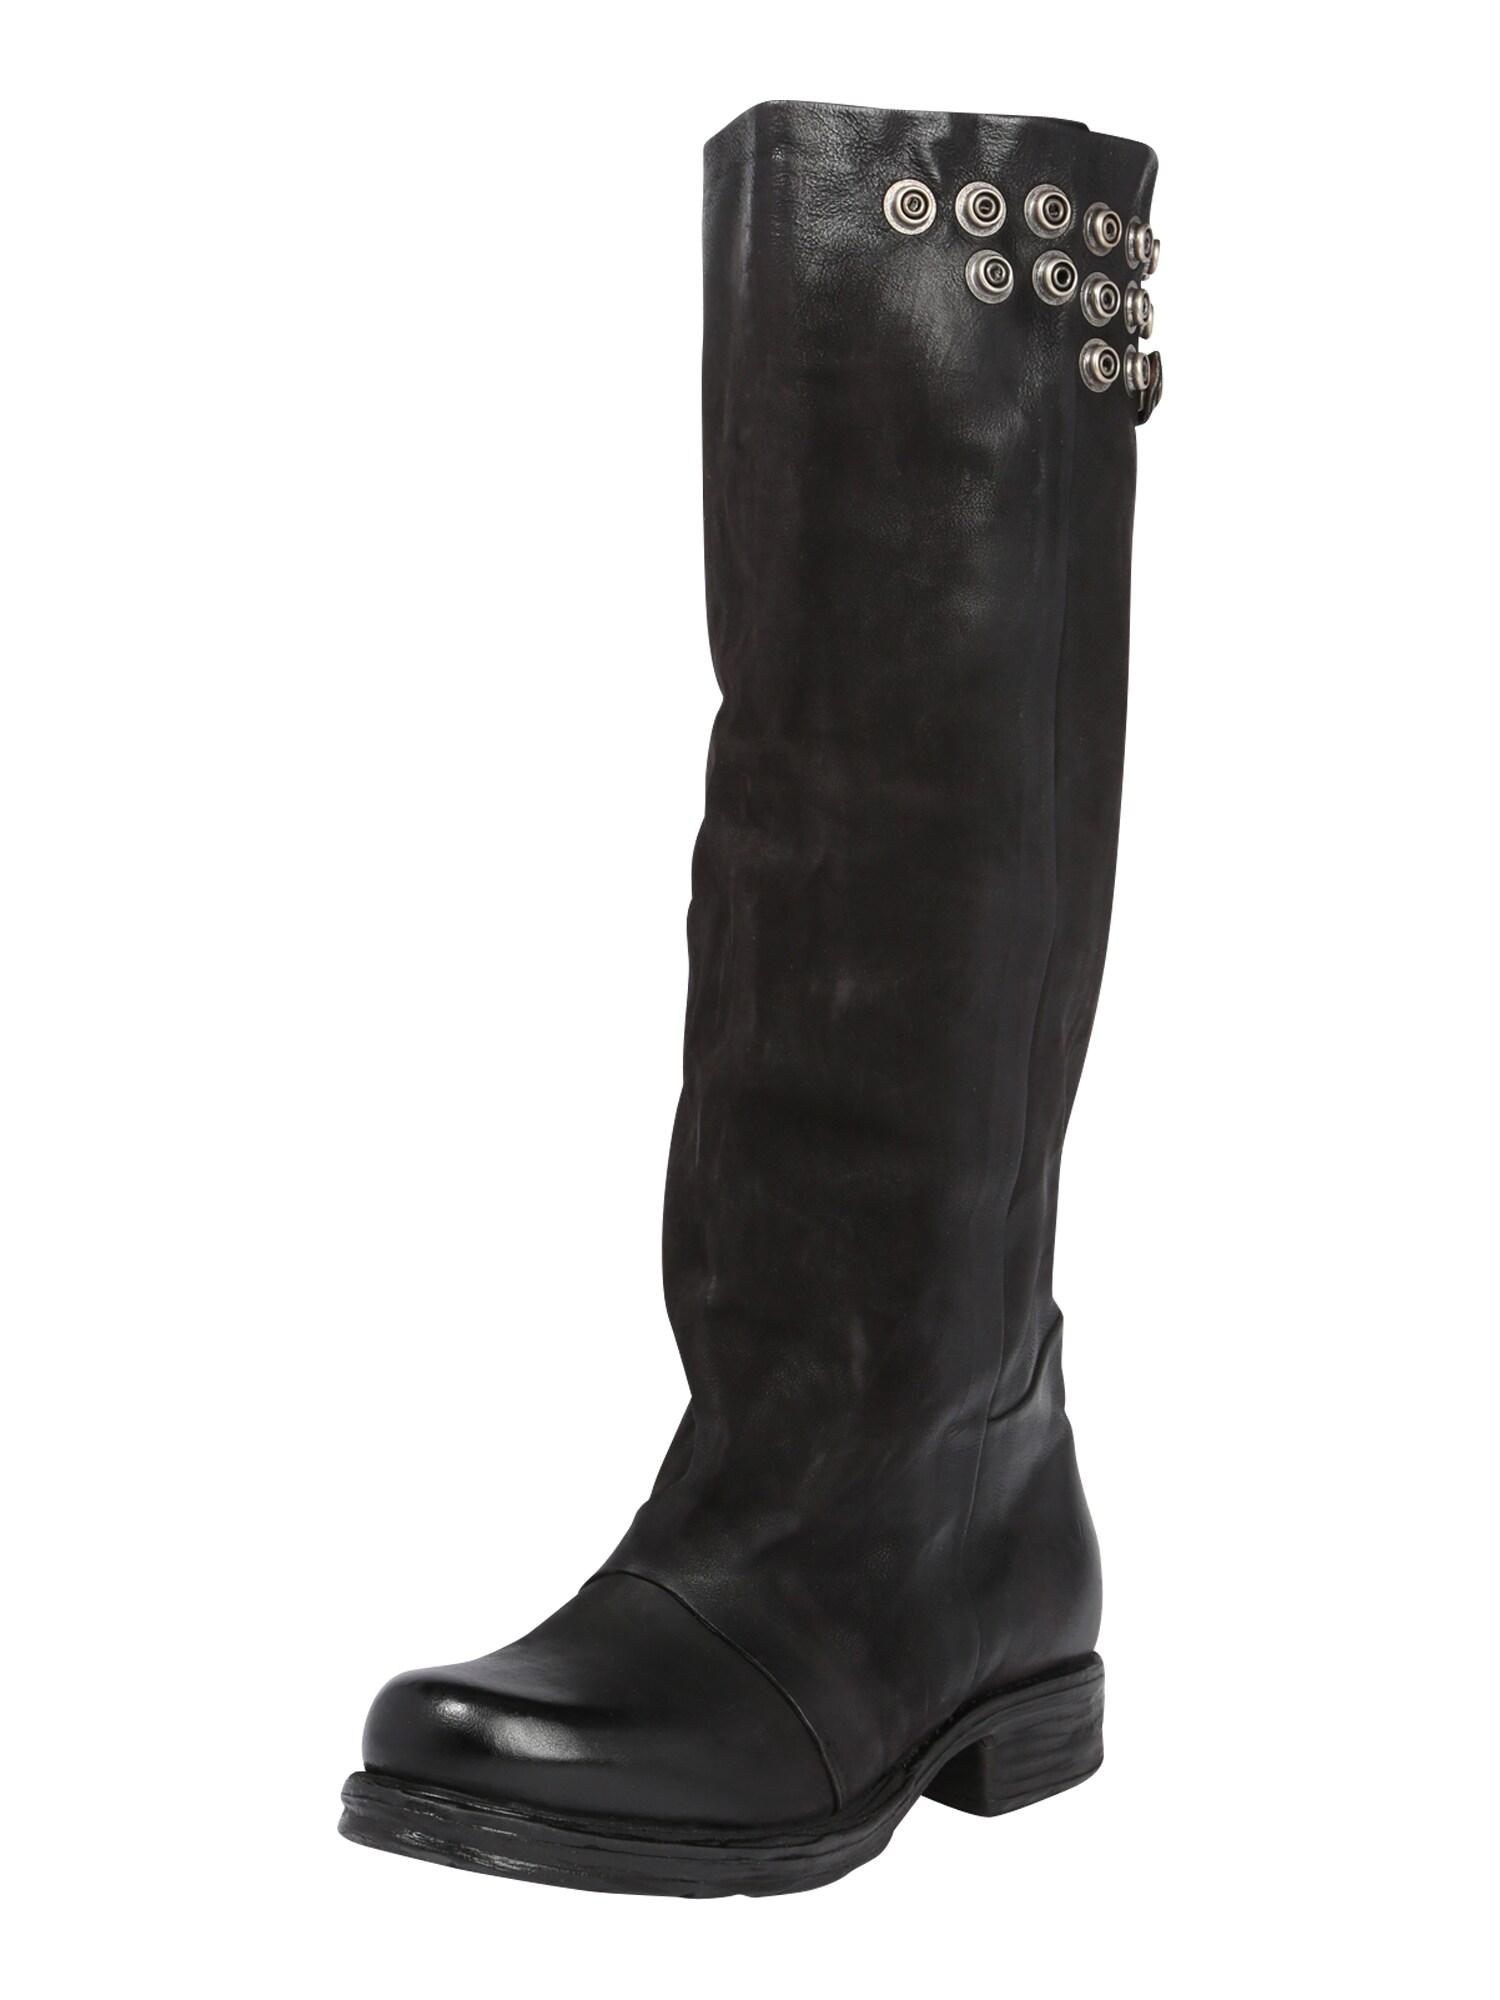 A.S.98 Auliniai batai su kulniuku 'Saintec' juoda / sidabras